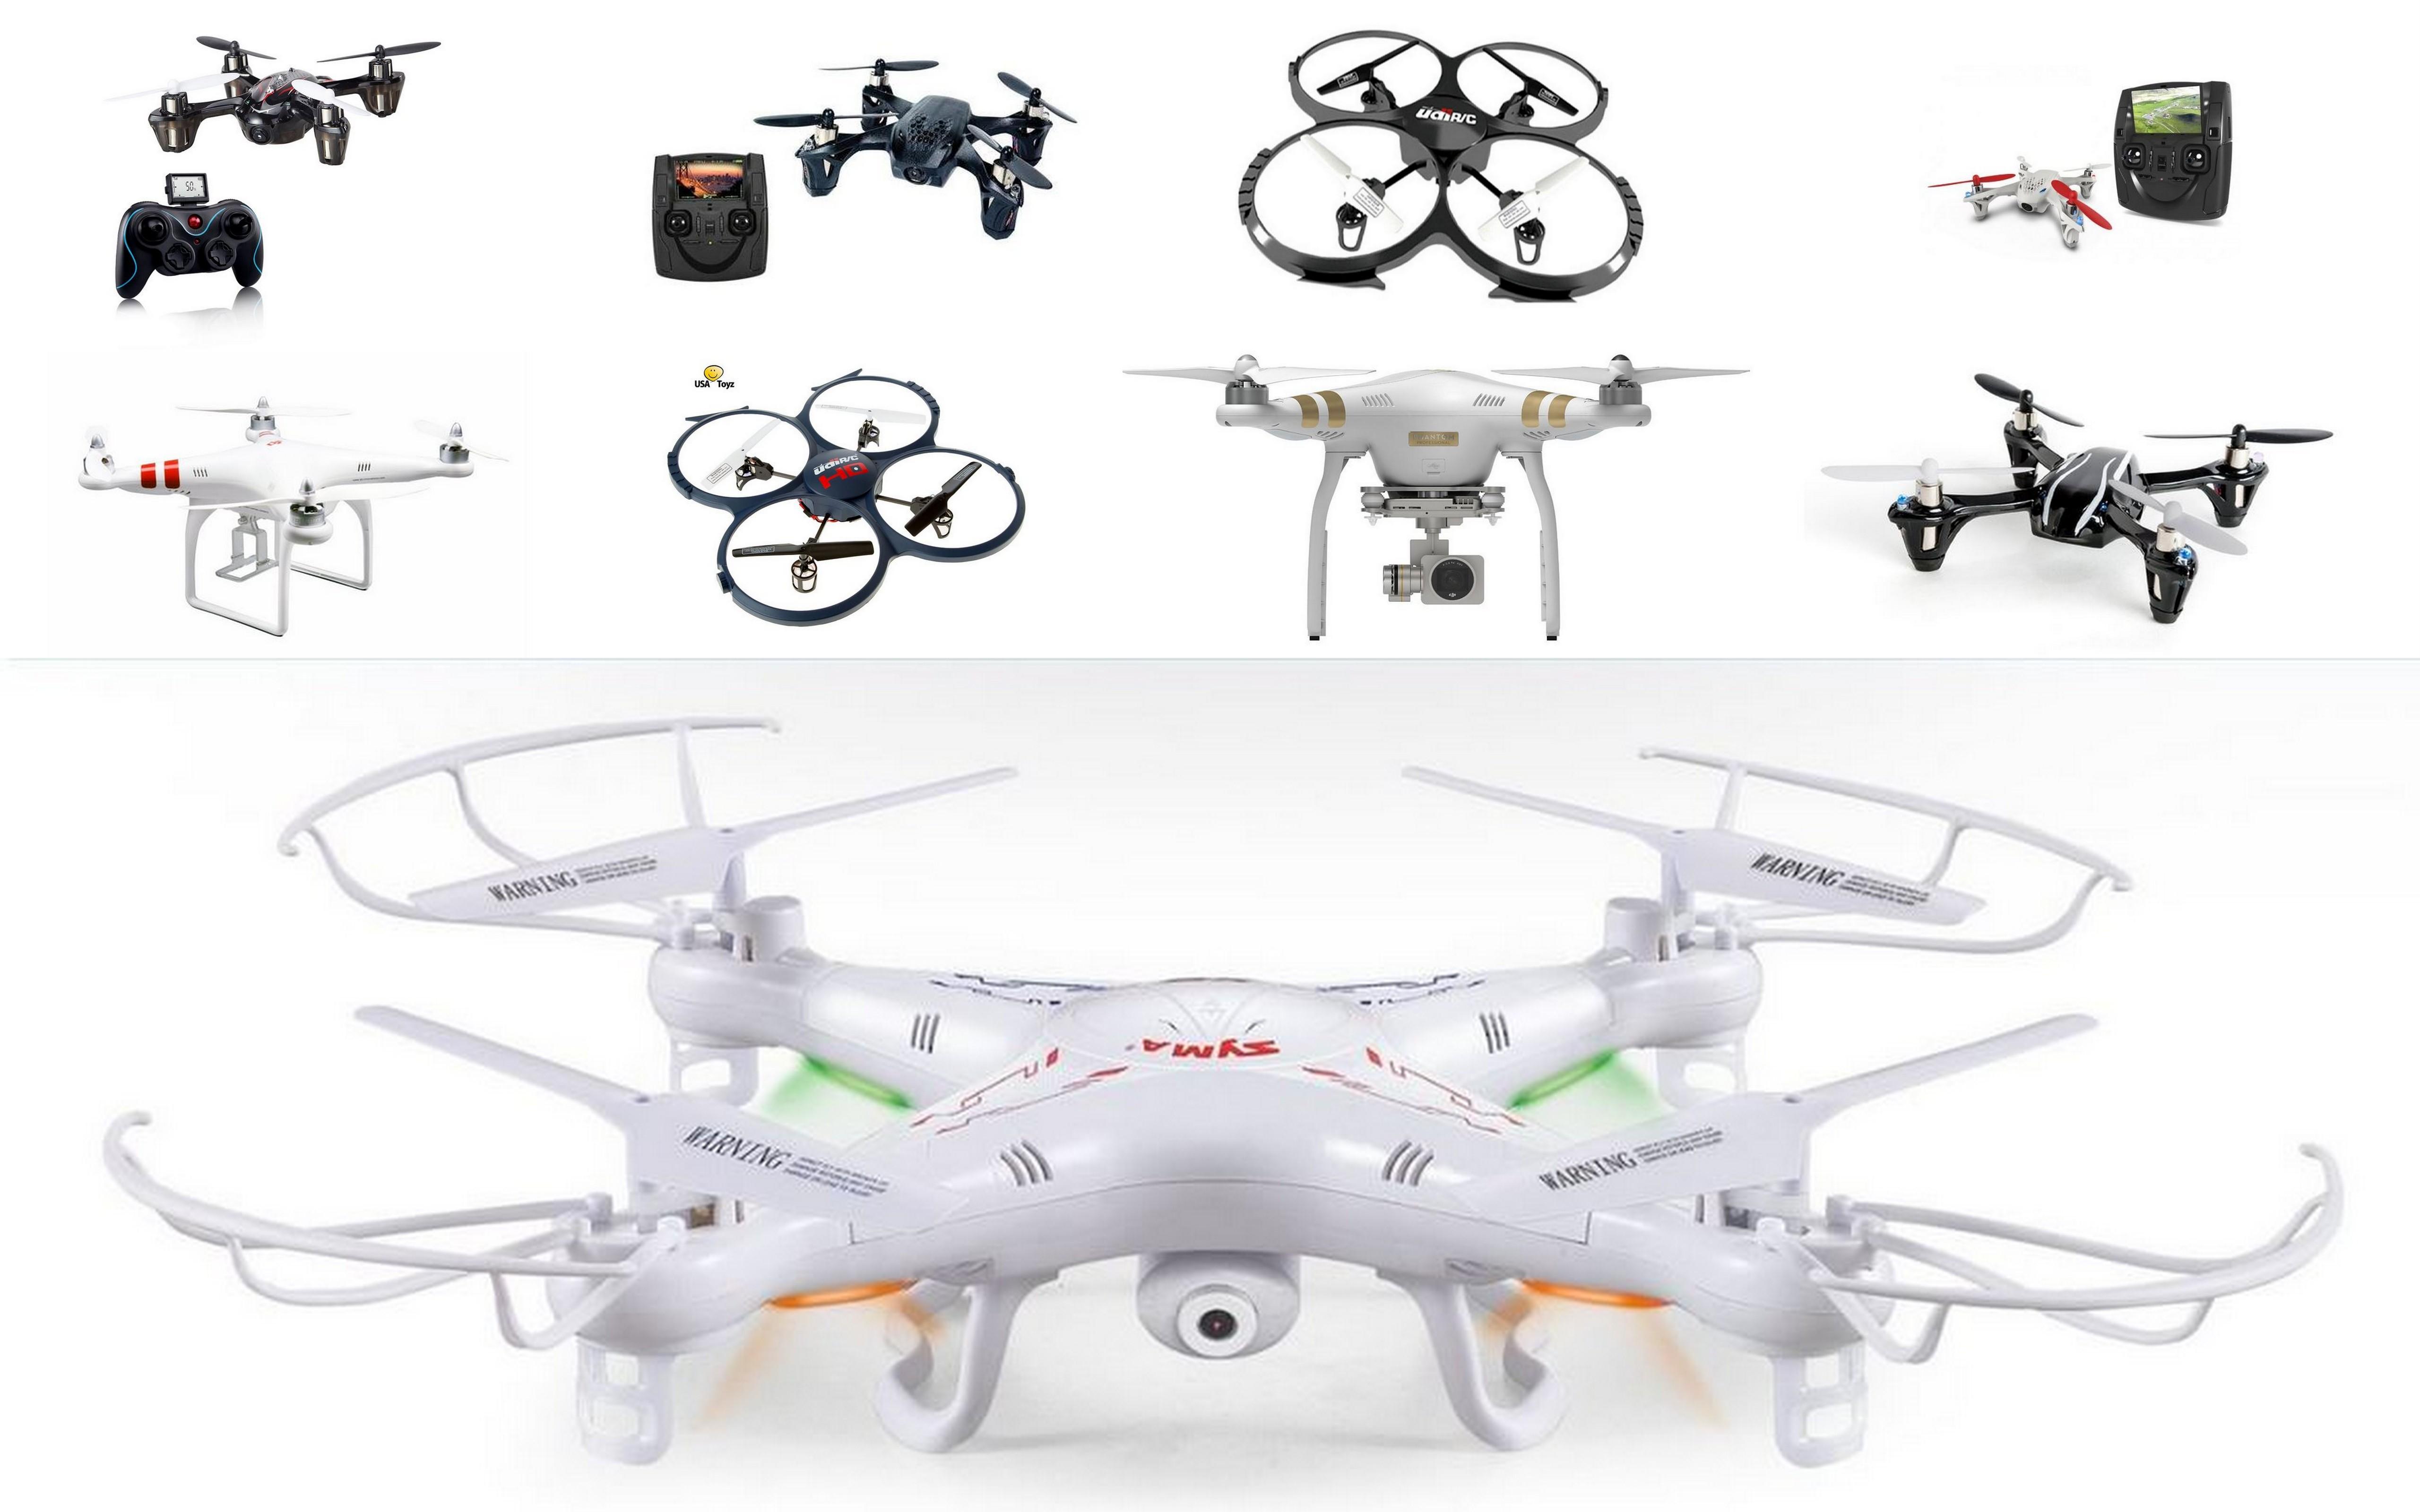 Top 10 Best Drones to Buy in 2015